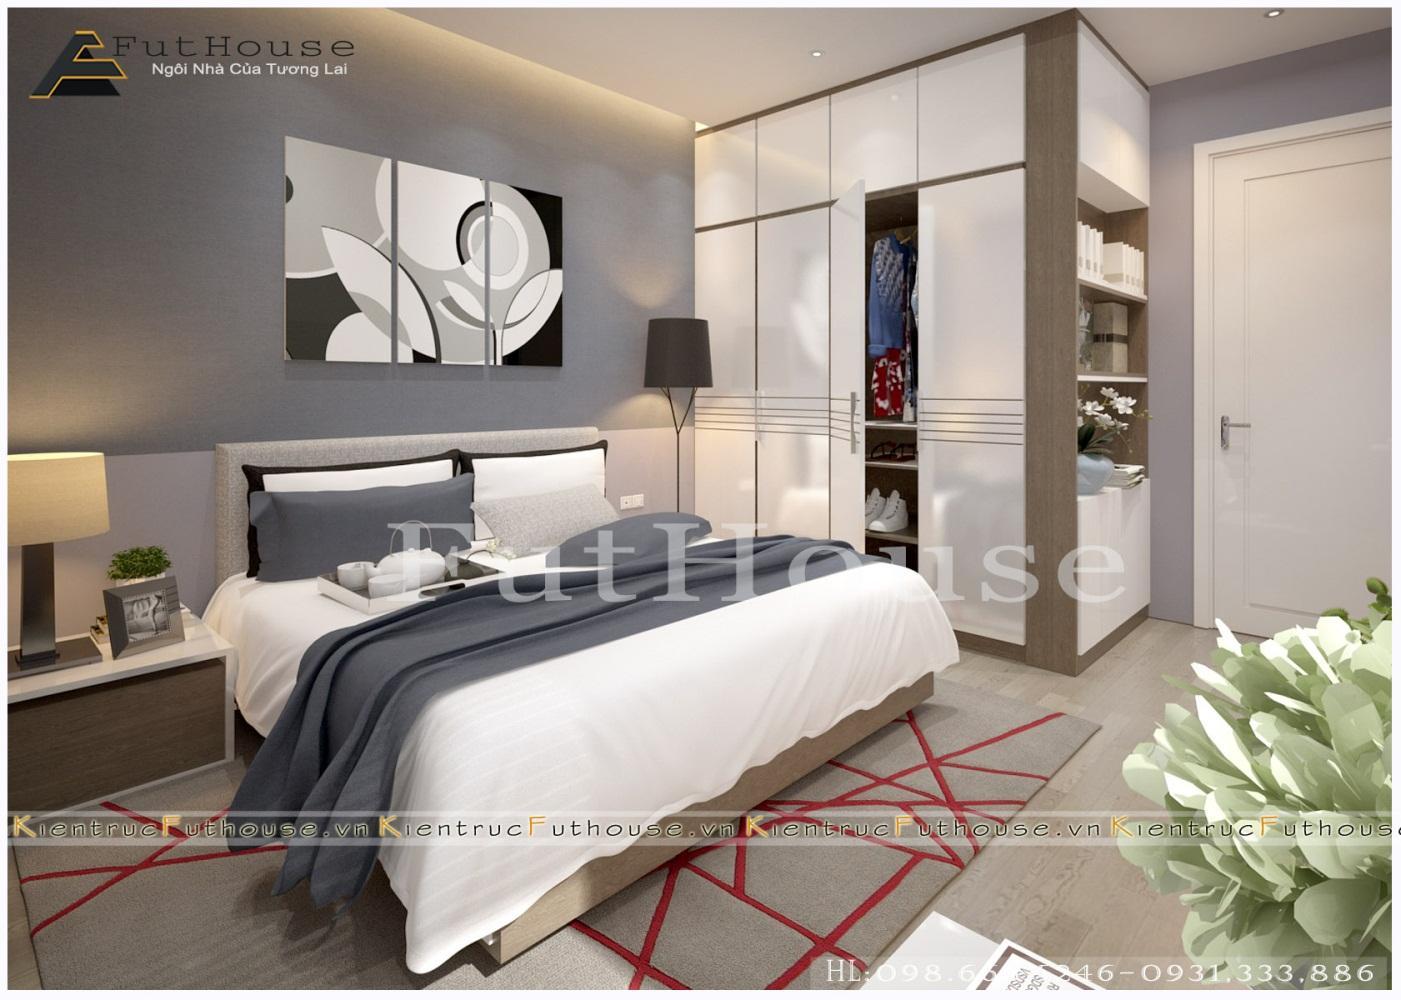 Không gian phòng ngủ với thiết kế hiện đại, cao cấp